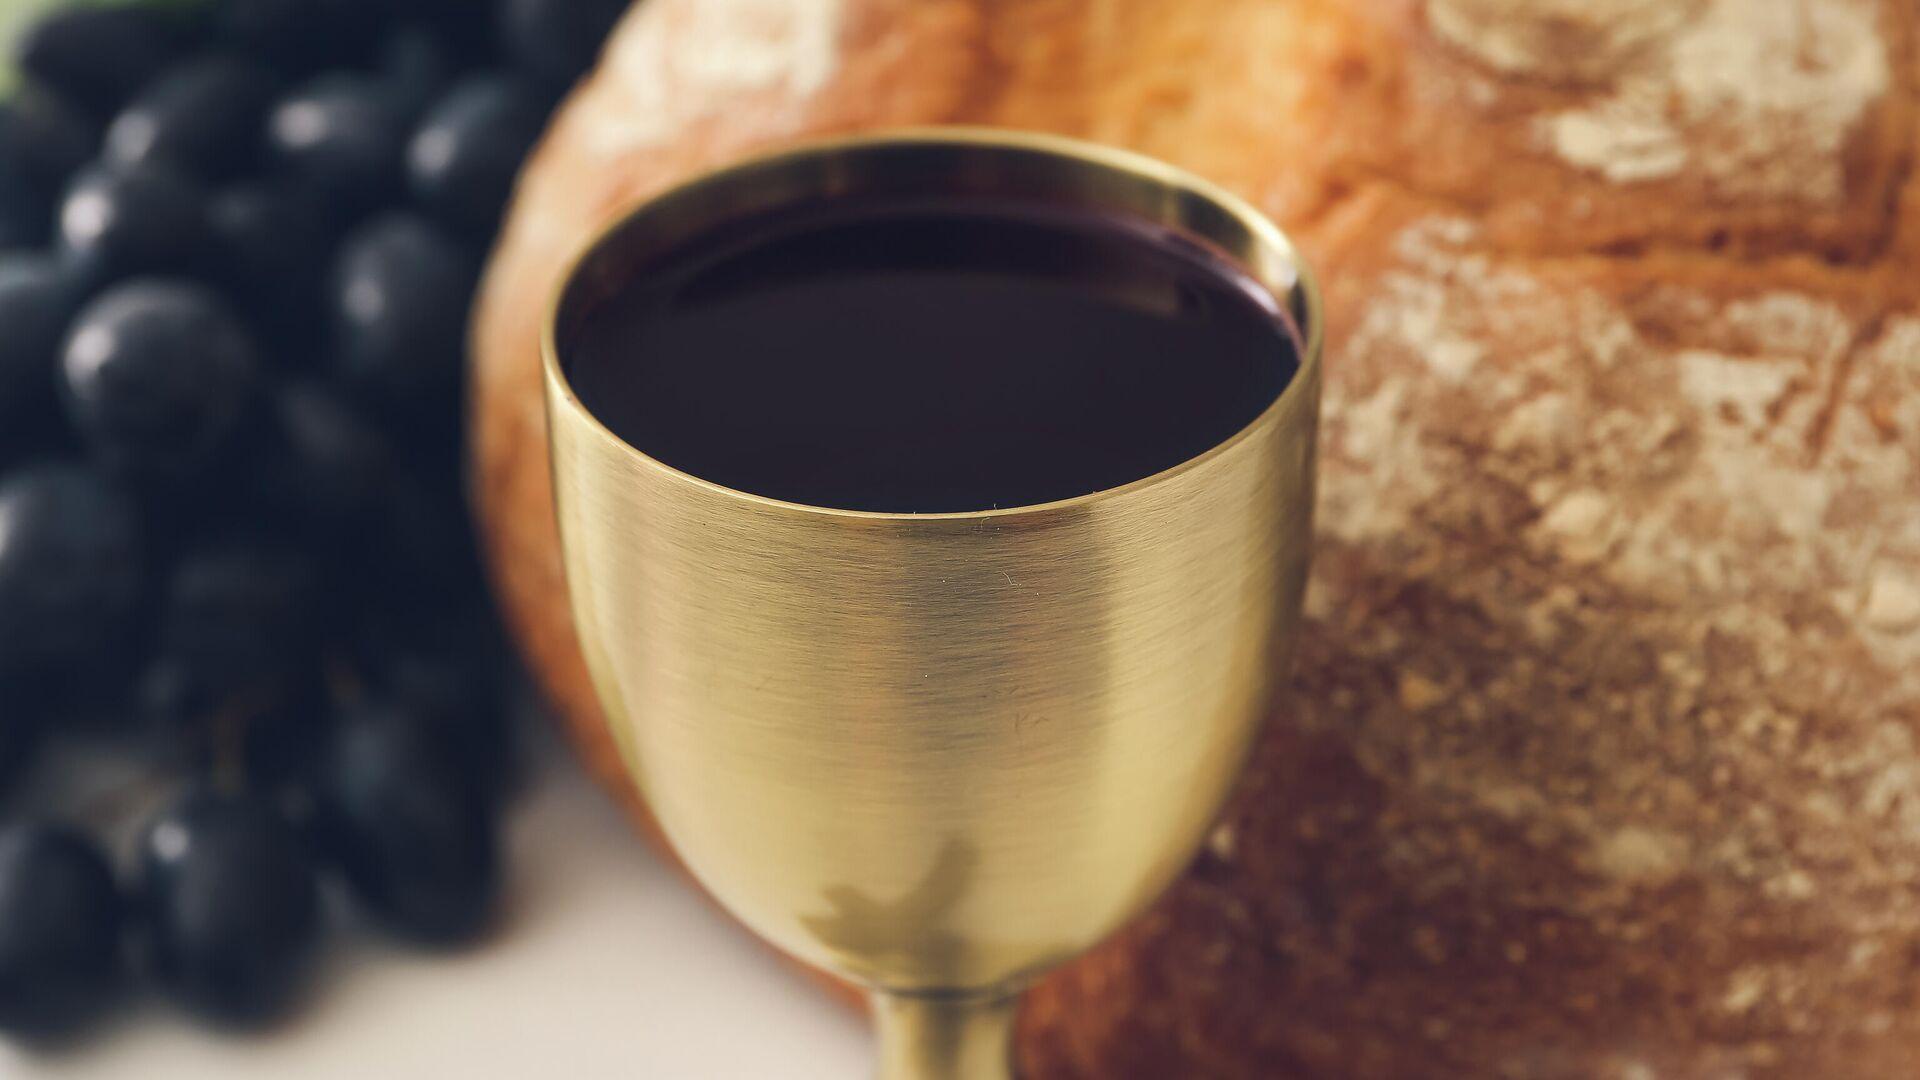 Чаша с вином на фоне хлеба и винограда - РИА Новости, 1920, 22.03.2021